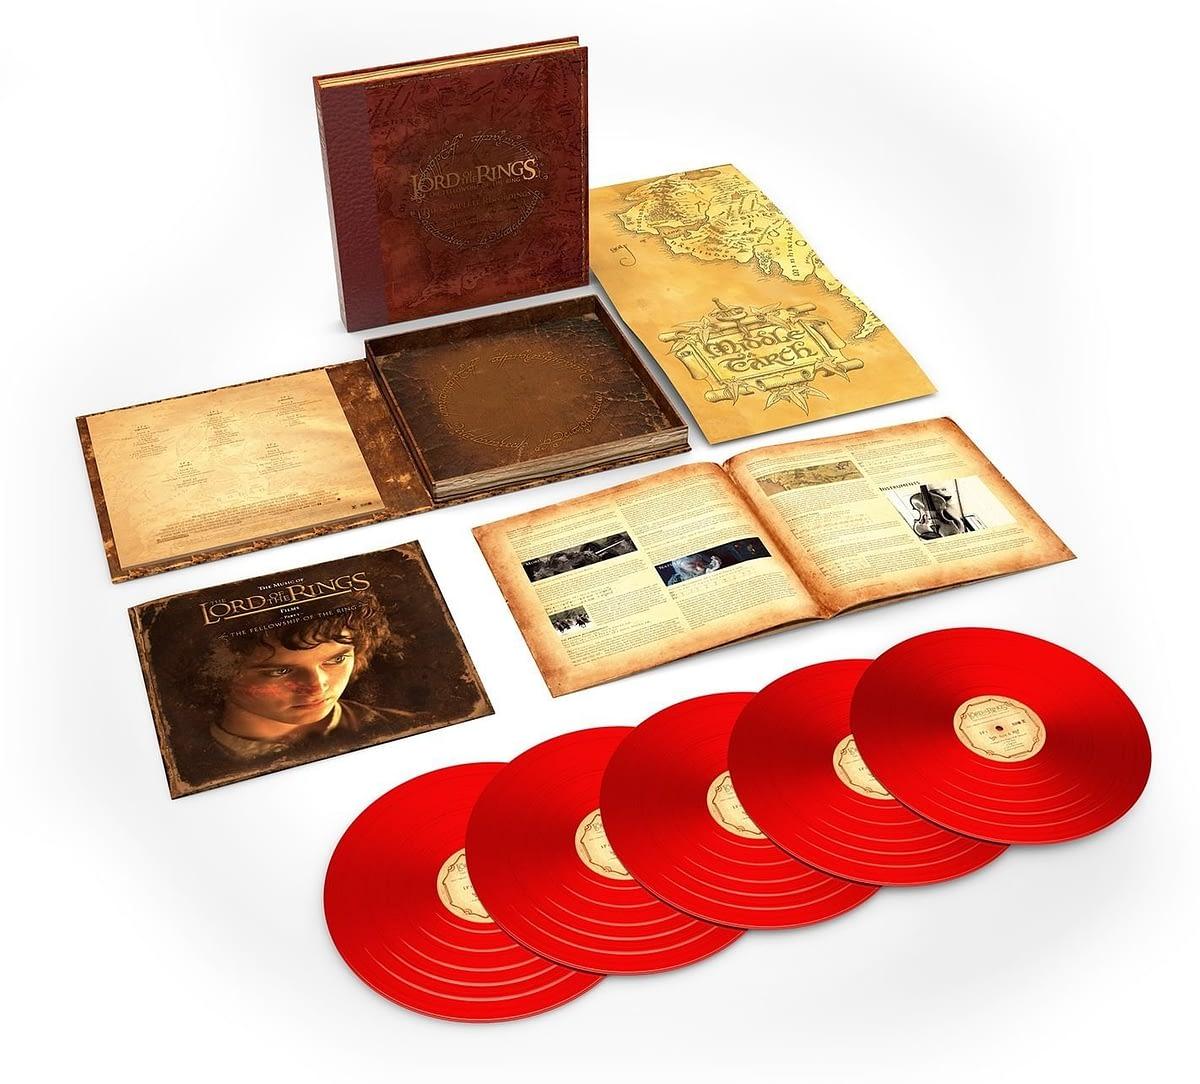 Rhino впервые издаст на виниле полный саундтрек к первой части трилогии «Властелин колец» Питера Джексона 1